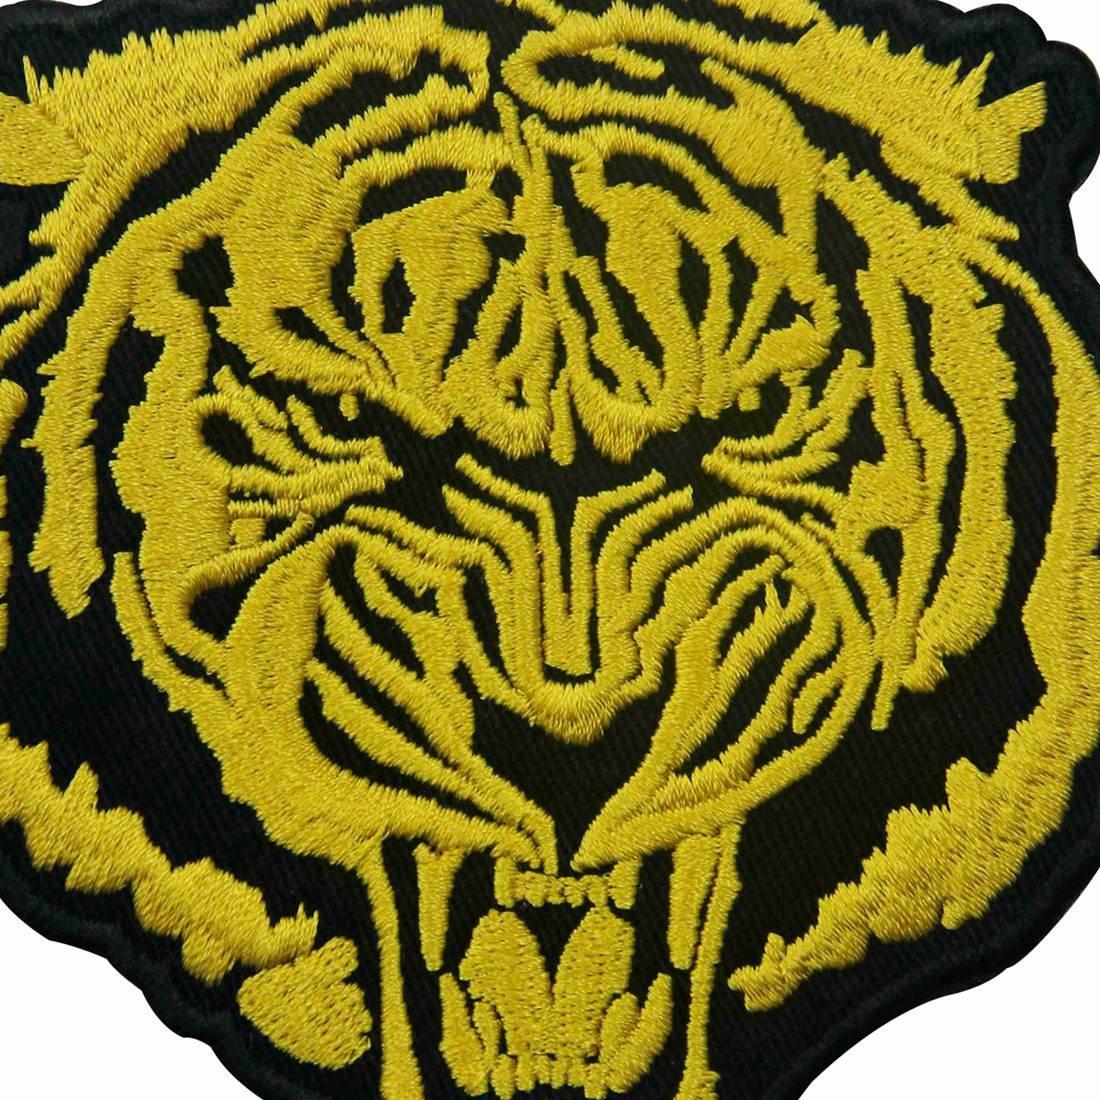 Parche termoadhesivo para la ropa, diseño de El tigre de oro rugiente: Amazon.es: Hogar